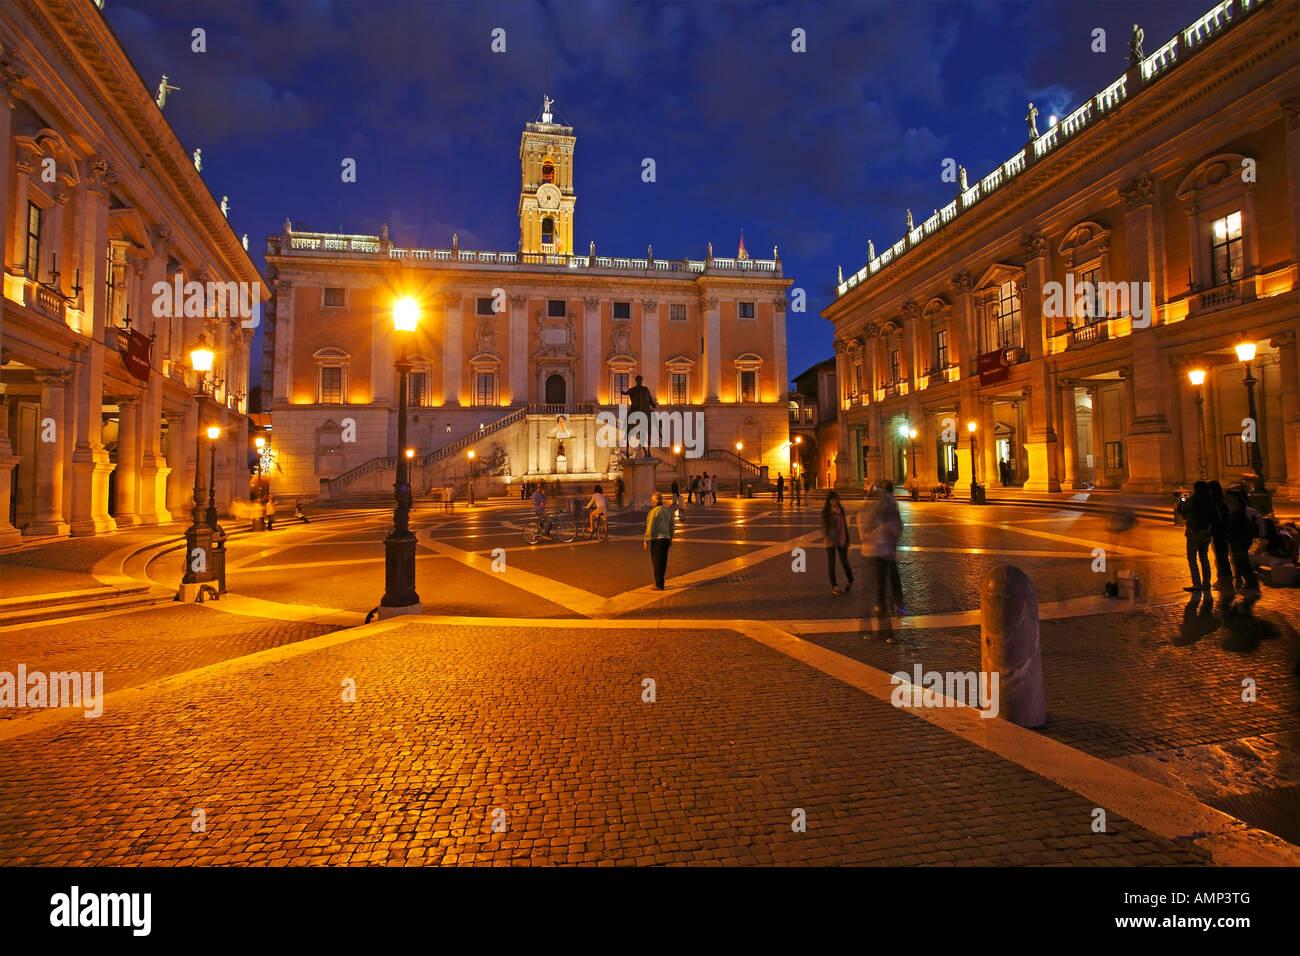 Piazza Del Campidoglio At Night, Capitoline Hill, Rome, Italy